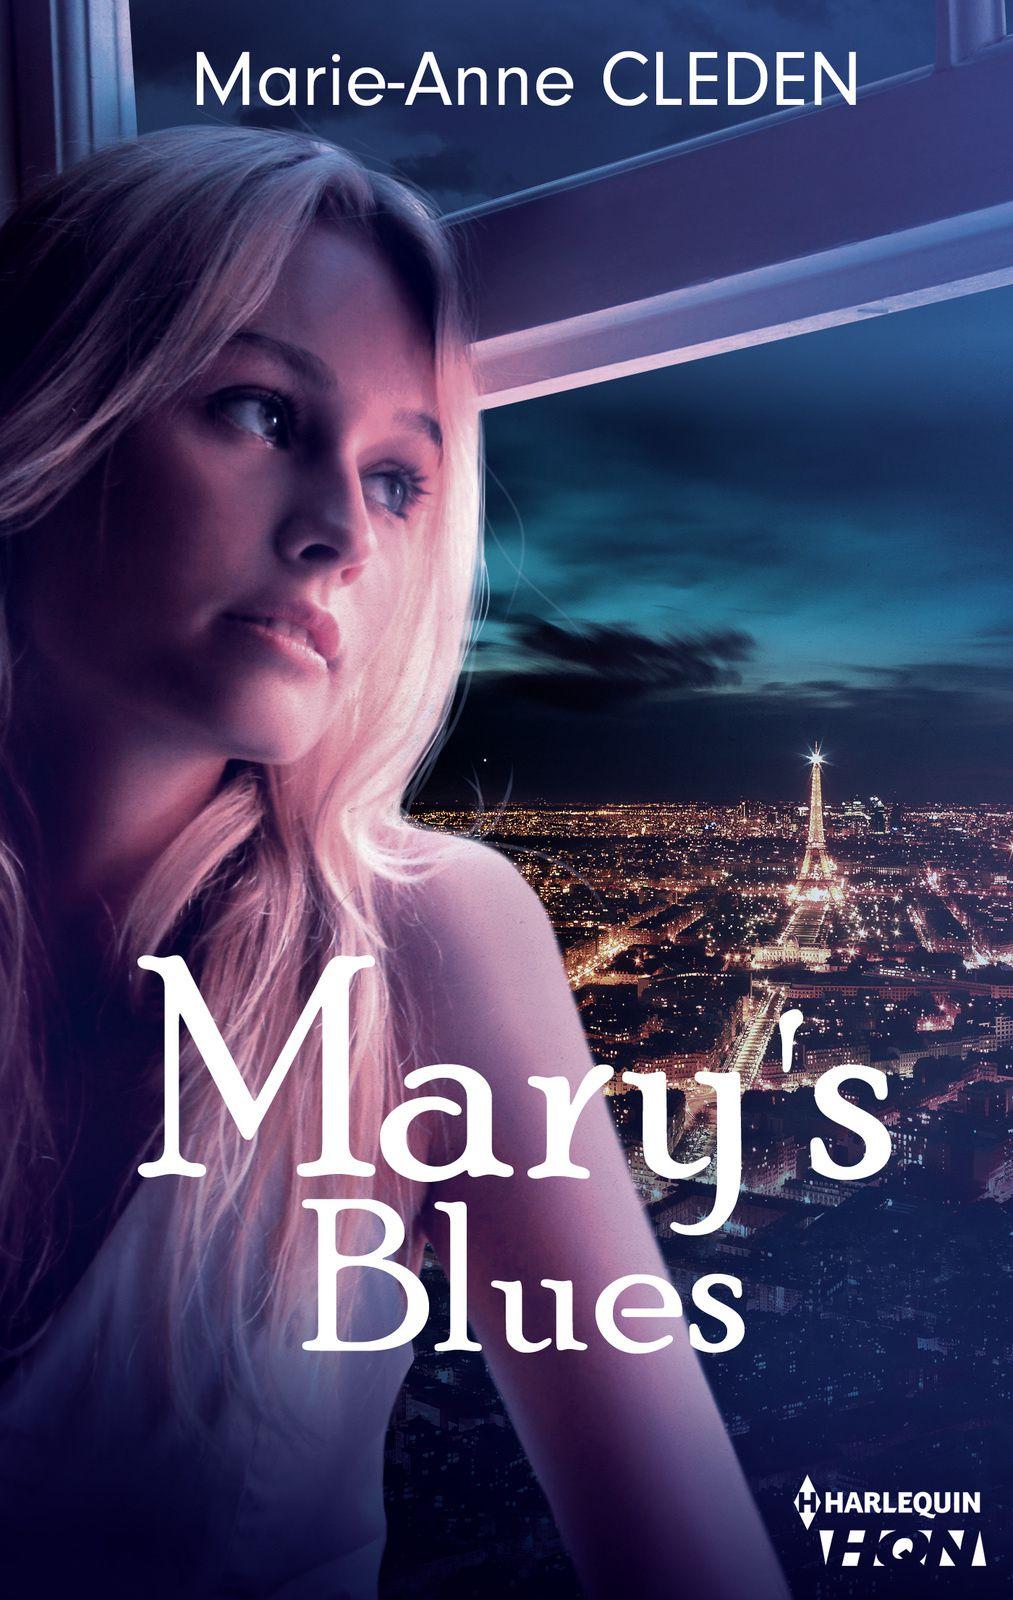 Mary's blues, de Marie-Anne Cleden